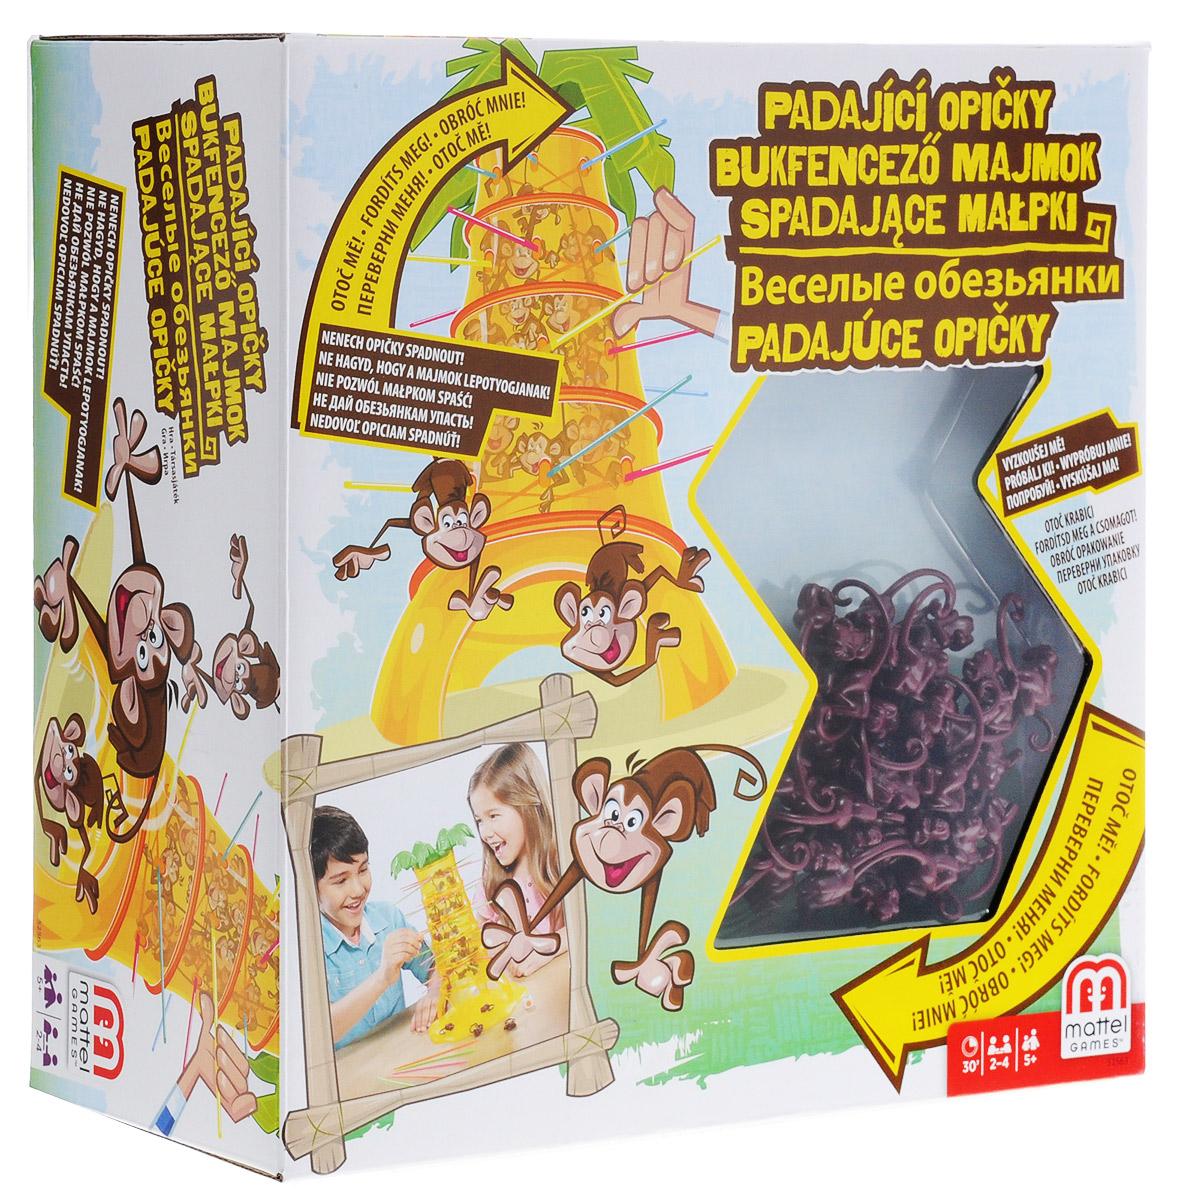 Mattel Games Настольная игра Обезьянка-акробат52563Настольная игра Mattel Games Обезьянка-акробат - это веселая игра, где нужно проявить свое мастерство и точность действия. Цель игры: осторожно вытягивать разноцветные палочки из ствола пальмы, не позволяя при этом обезьянкам упасть. Игроки по очереди кидают кубик по очереди и вынимают палочки соответствующие выпавшему цвету, начиная сверху. Победит тот, кто уронит меньшее количество обезьянок! В комплект входит: пальма, 30 обезьянок, 30 палочек трех цветов, кубик, правила игры на русском языке. Продолжительность игры: 30 минут.